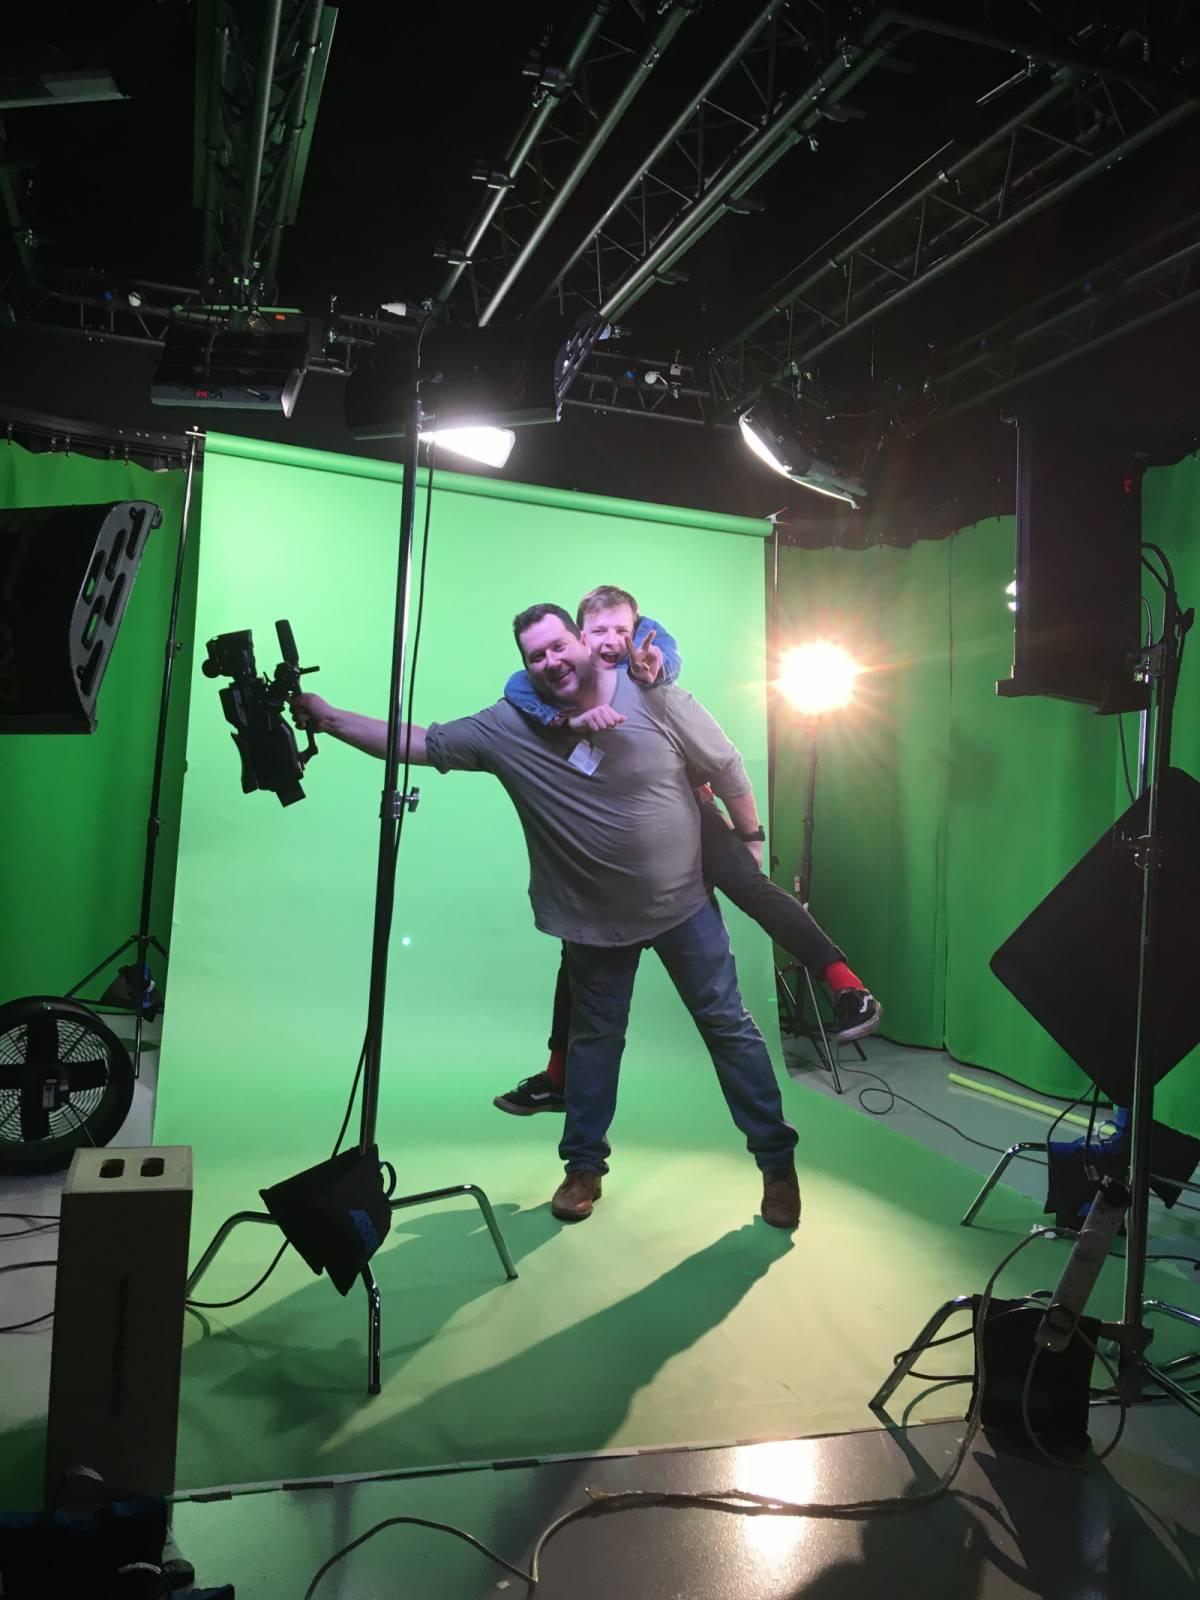 Thom Artway interview: Zpívám anglicky, ale v Londýně cítím, že britskou kulturu znám málo